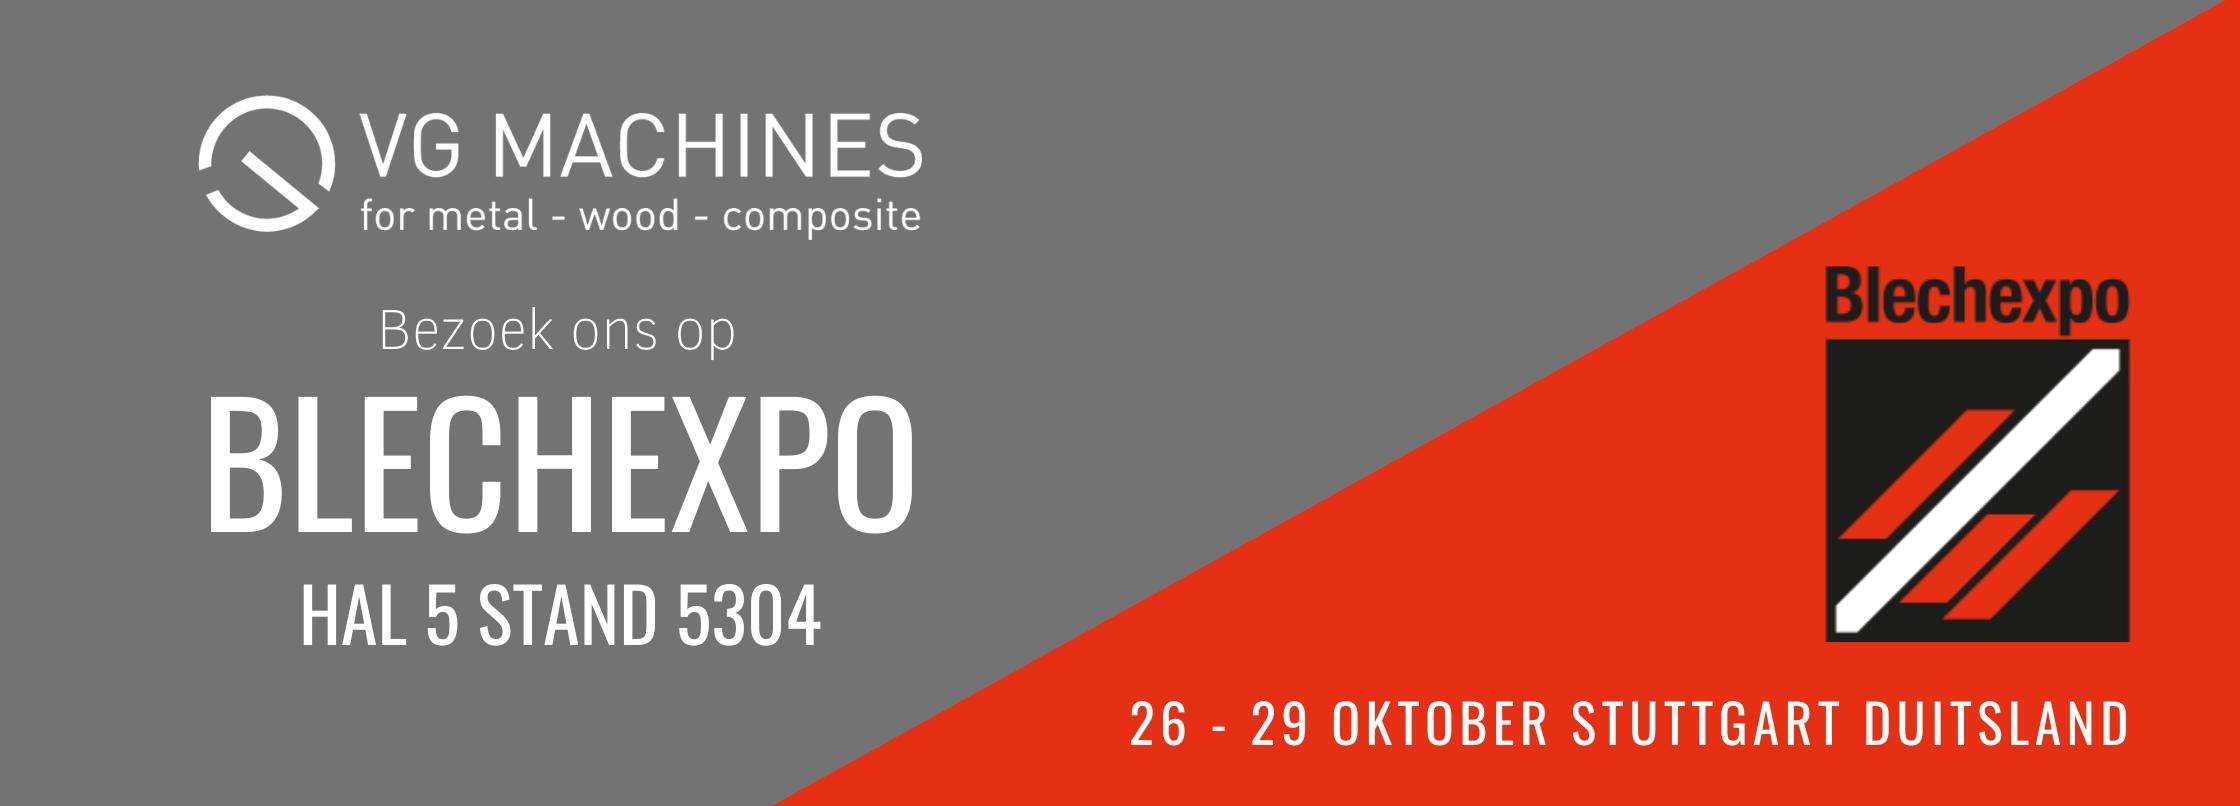 BlechExpo 2021 - deburring machines